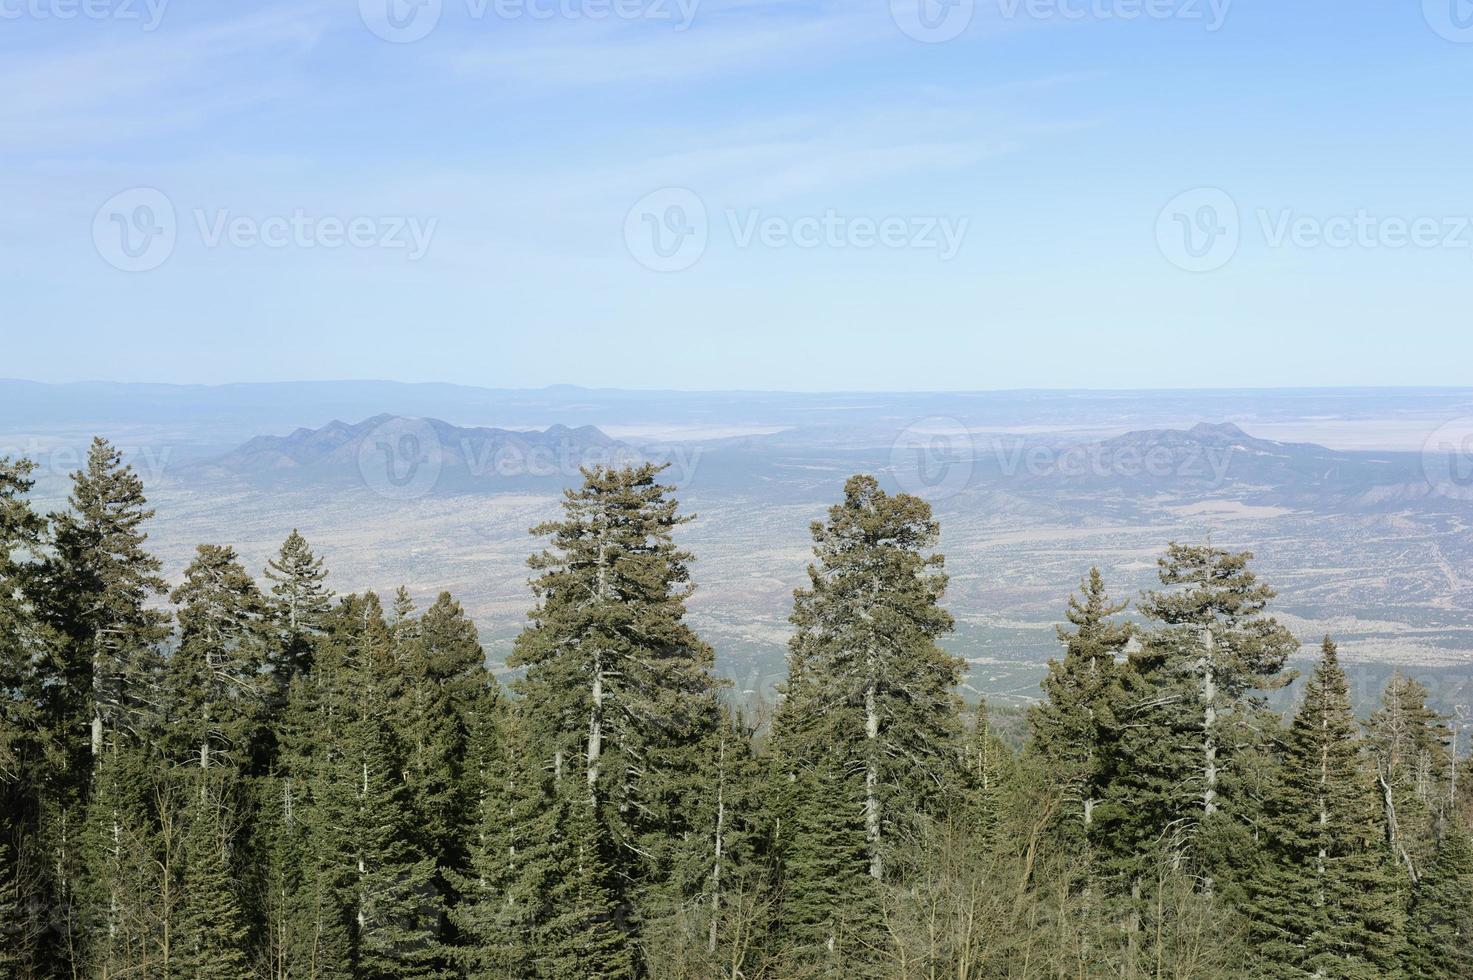 südwestliche Landschaft - Blick vom Sandia Crest foto